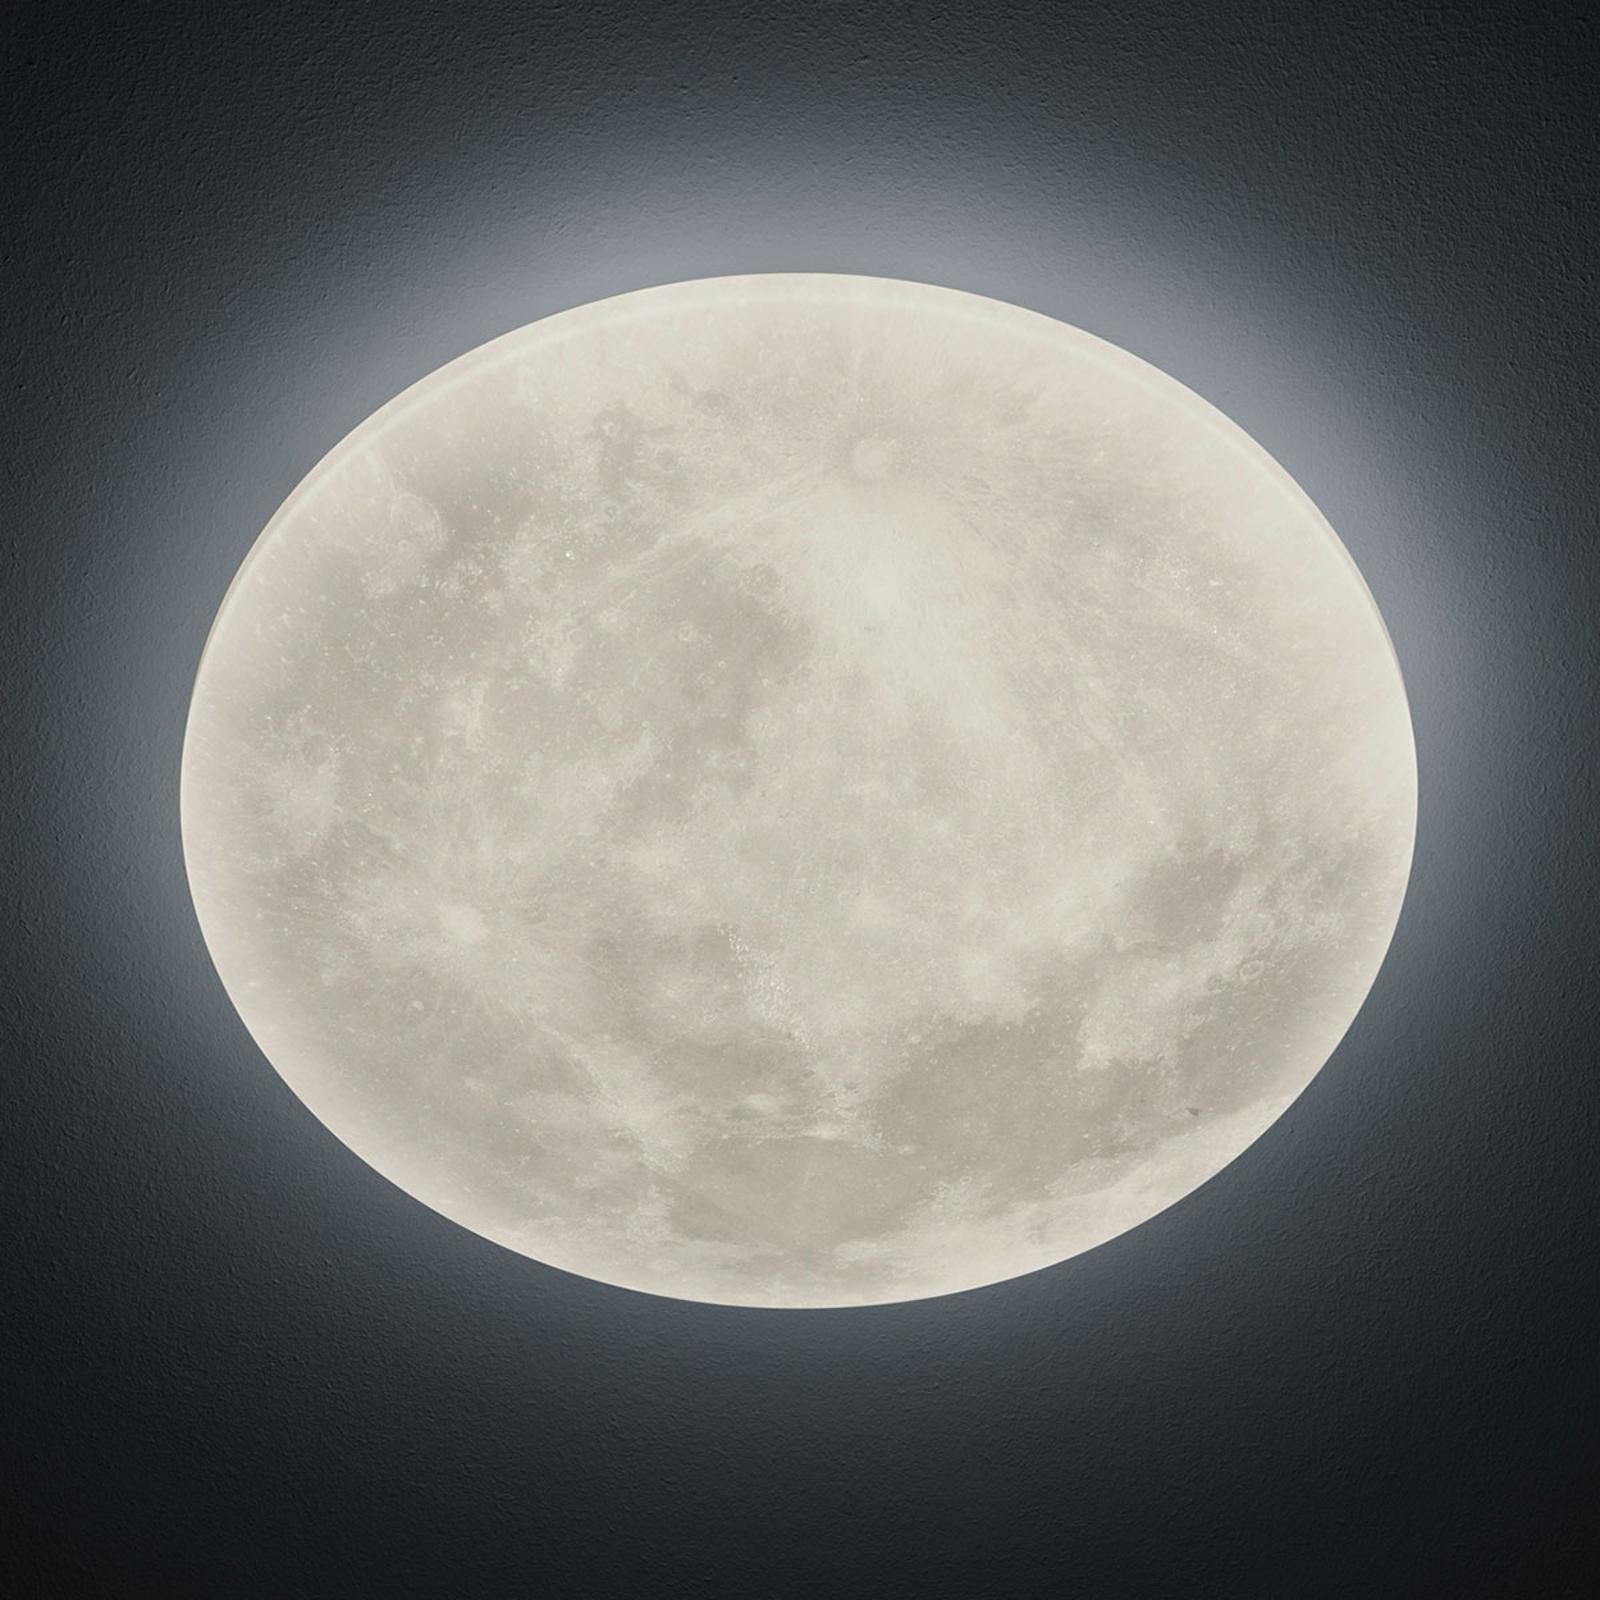 LED-kattovalaisin Lunar kaukosäätimellä 40 cm